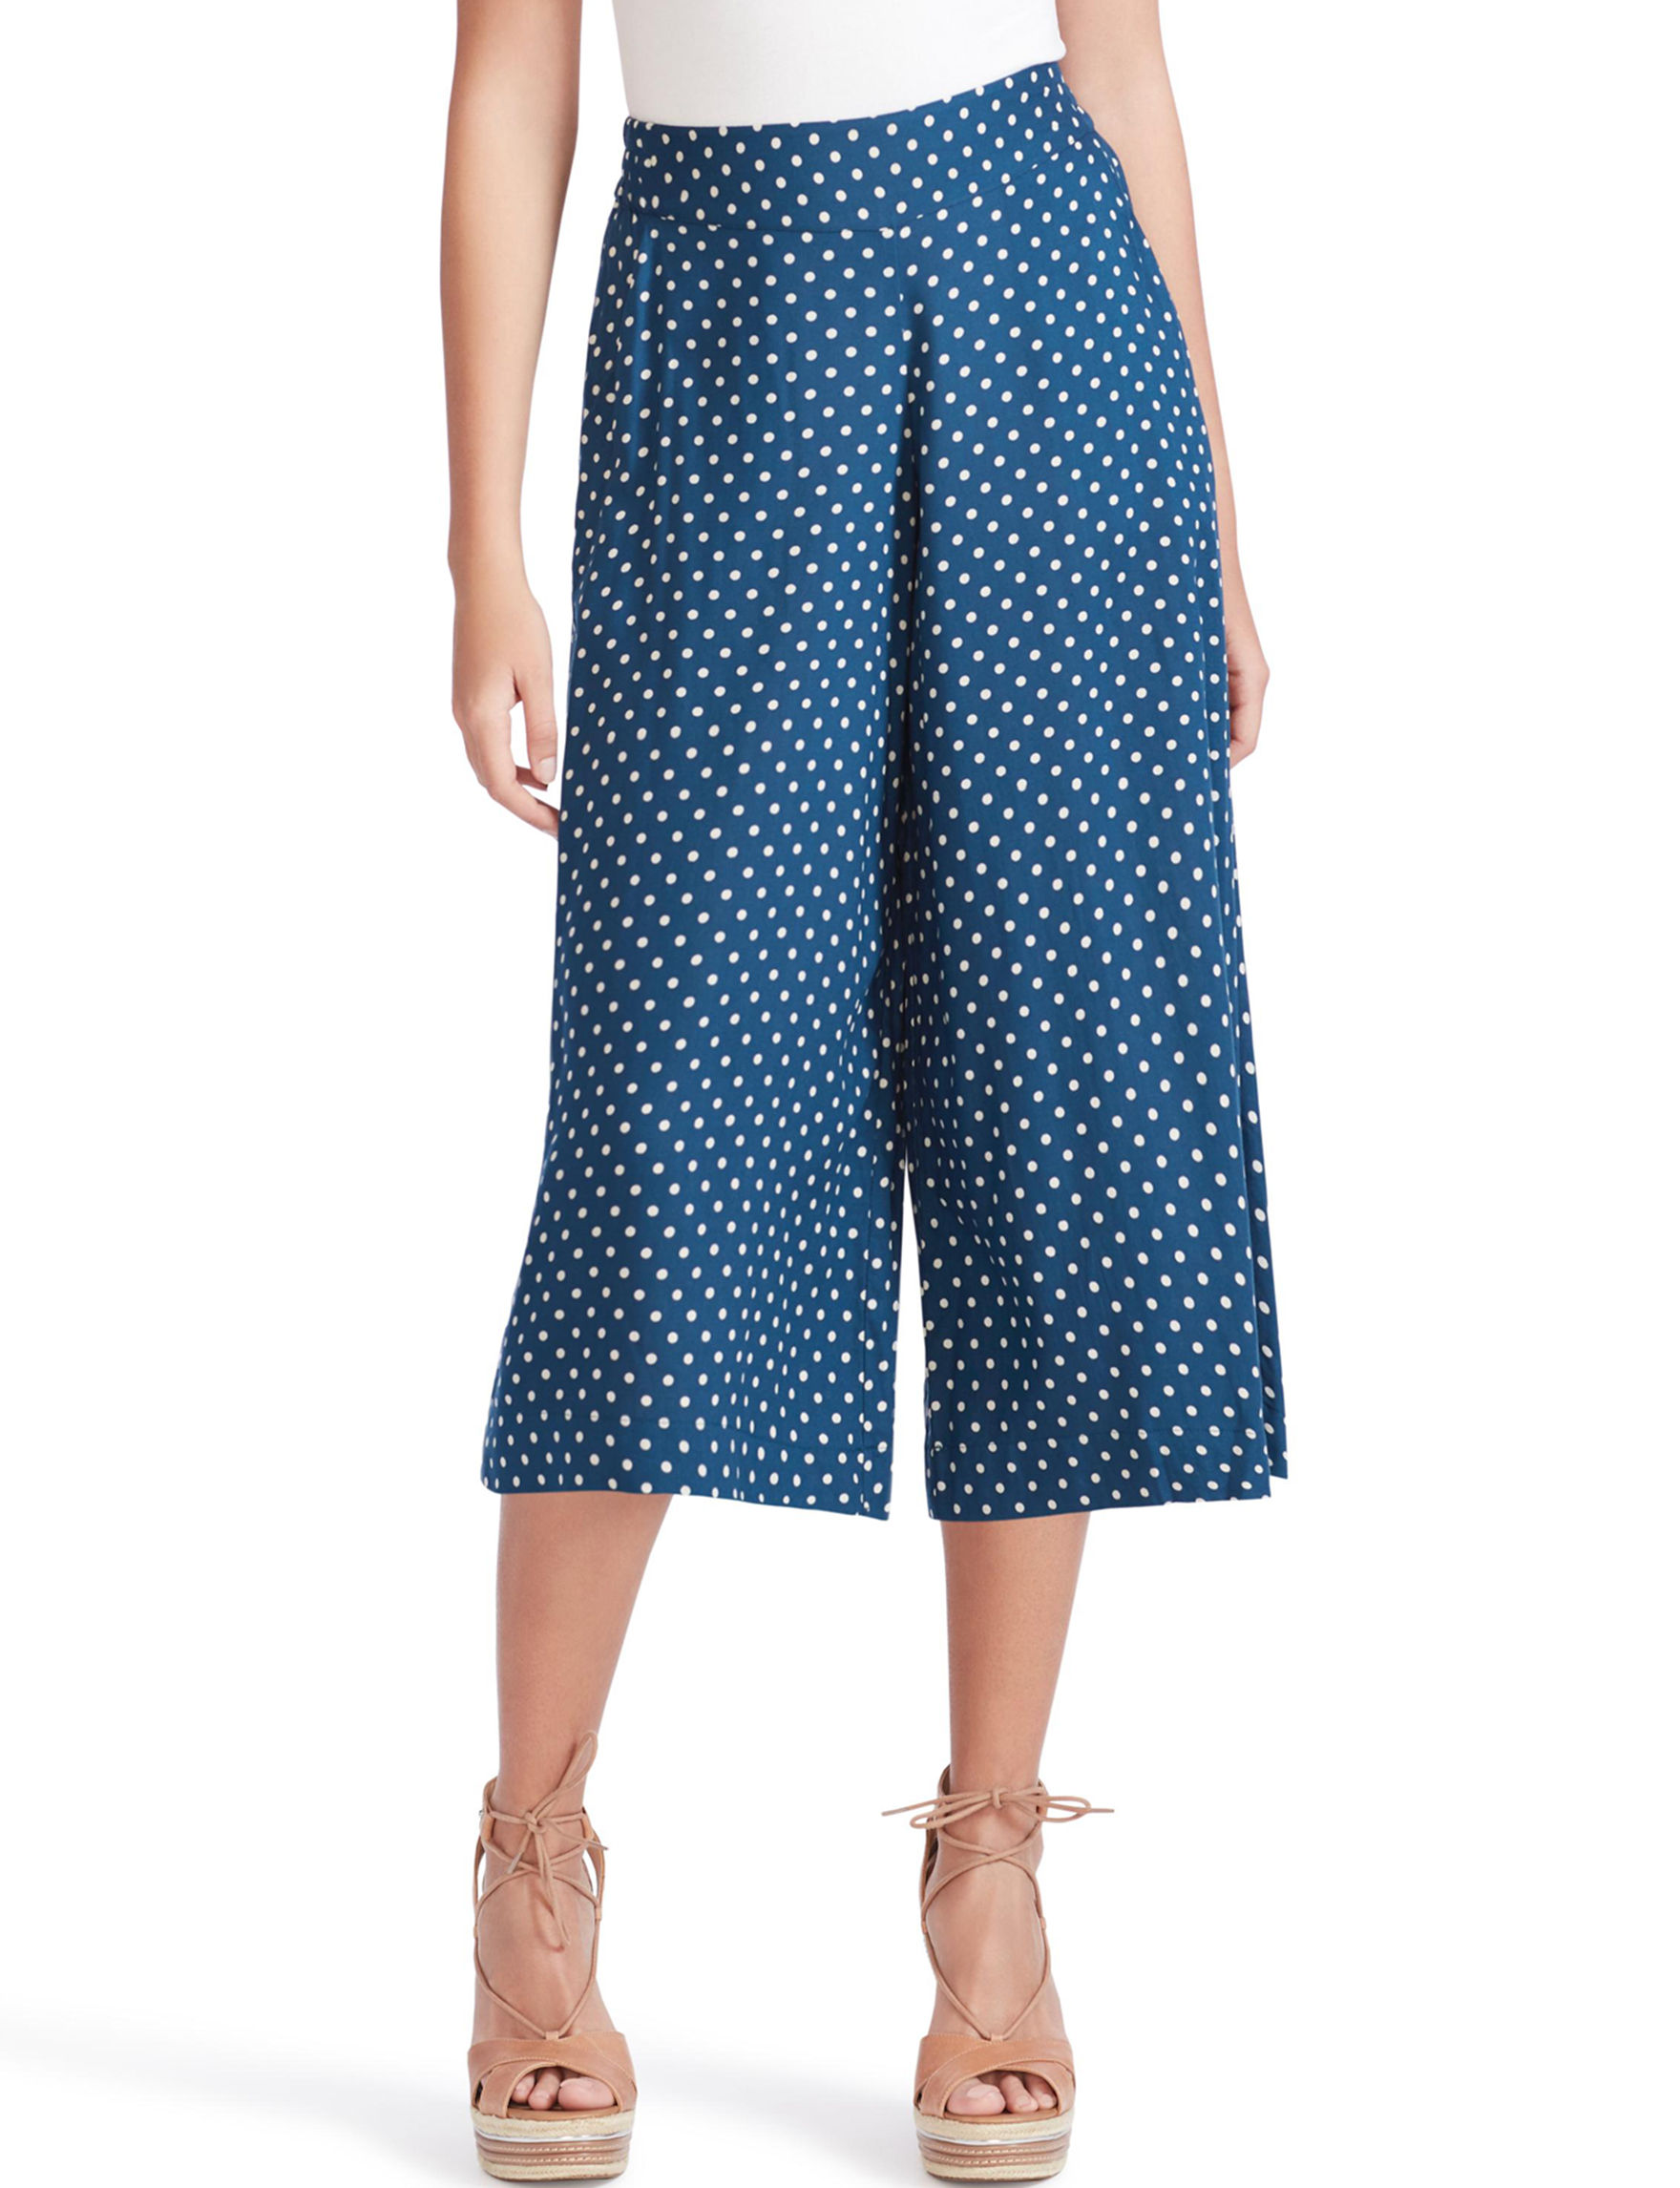 Jessica Simpson Blue Capris & Crops Soft Pants